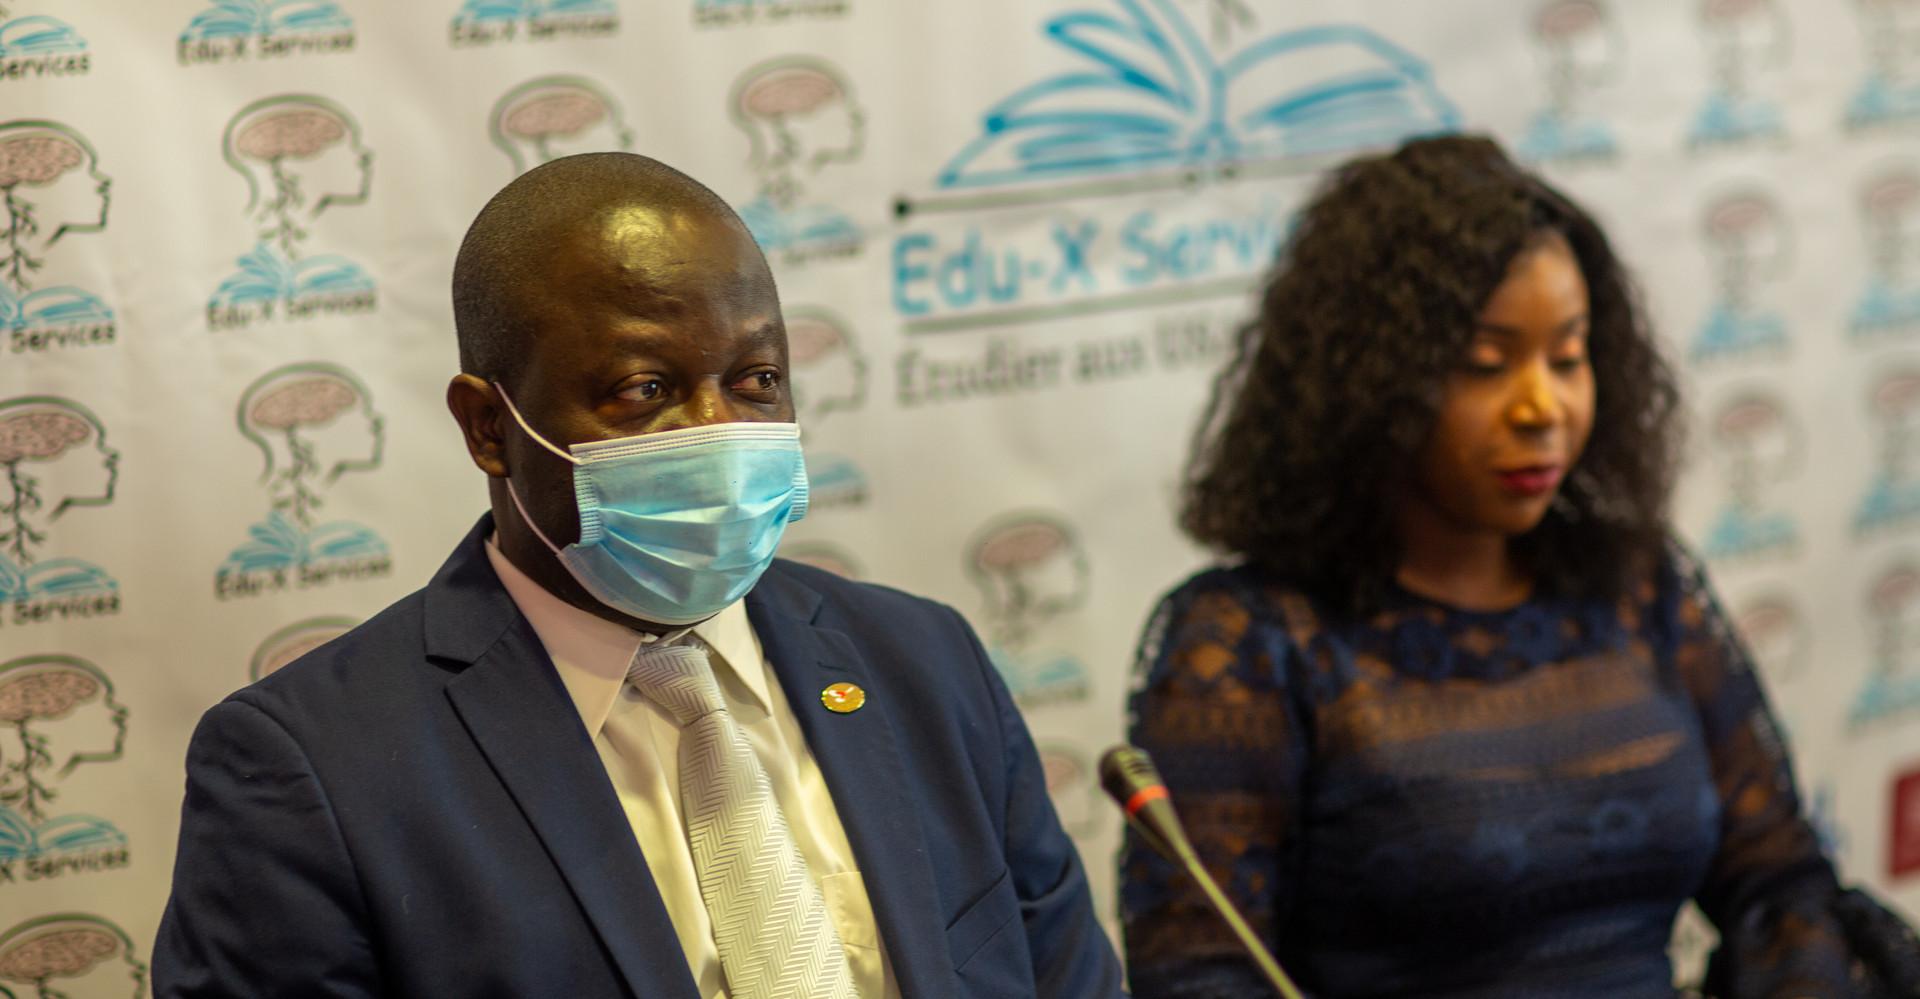 M Guy Djoken président de la fédération des clubs et centres UNESCO des Etats-unis